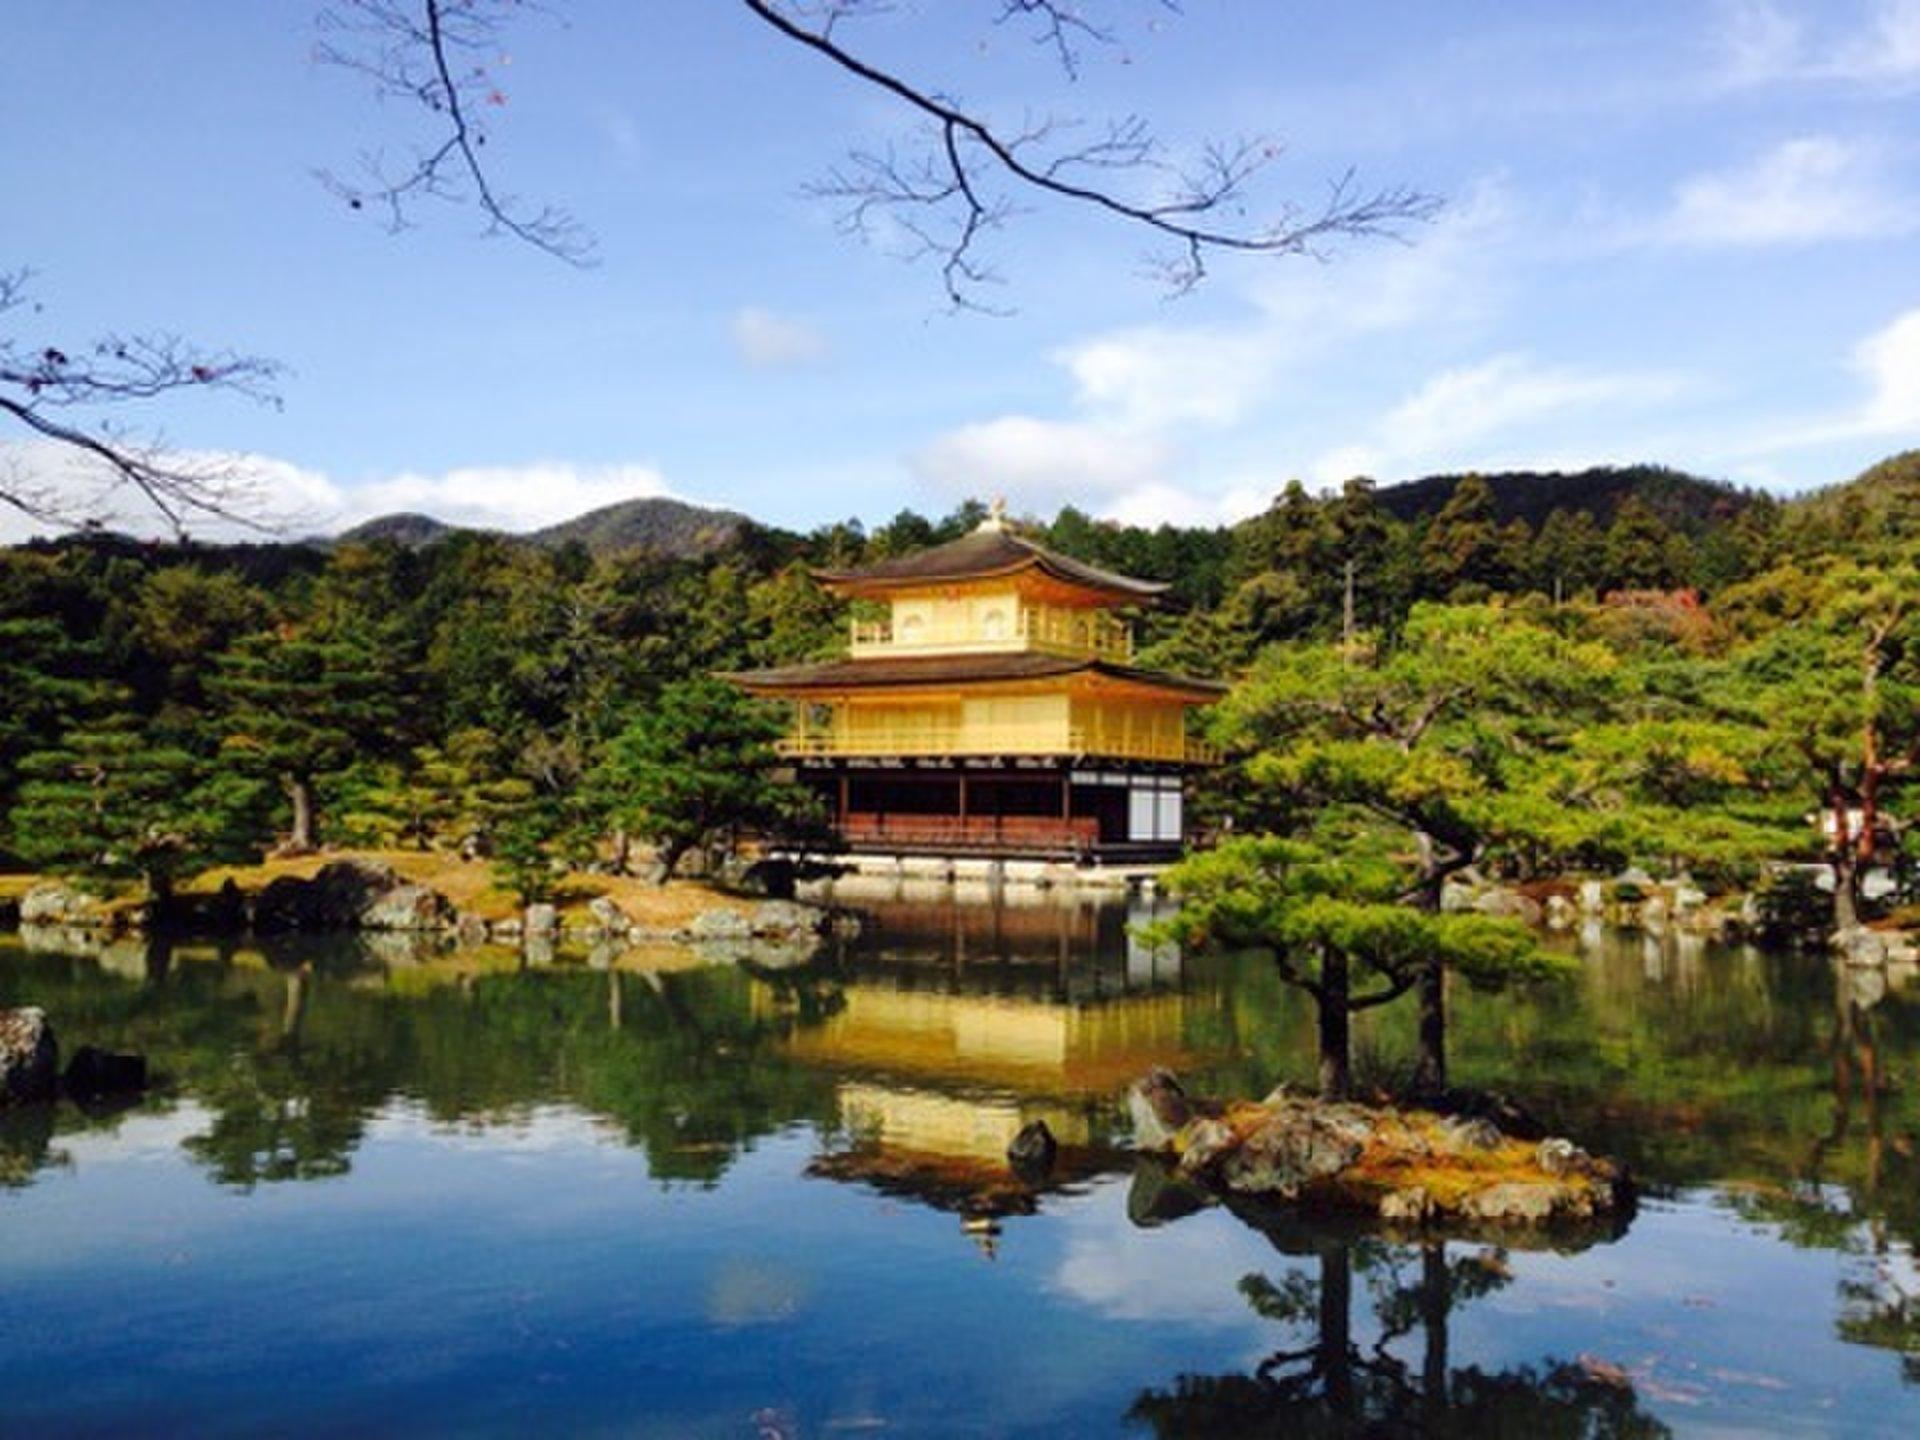 紅葉シーズンの京都定番観光スポット巡り!金閣寺から竜安寺へ♪